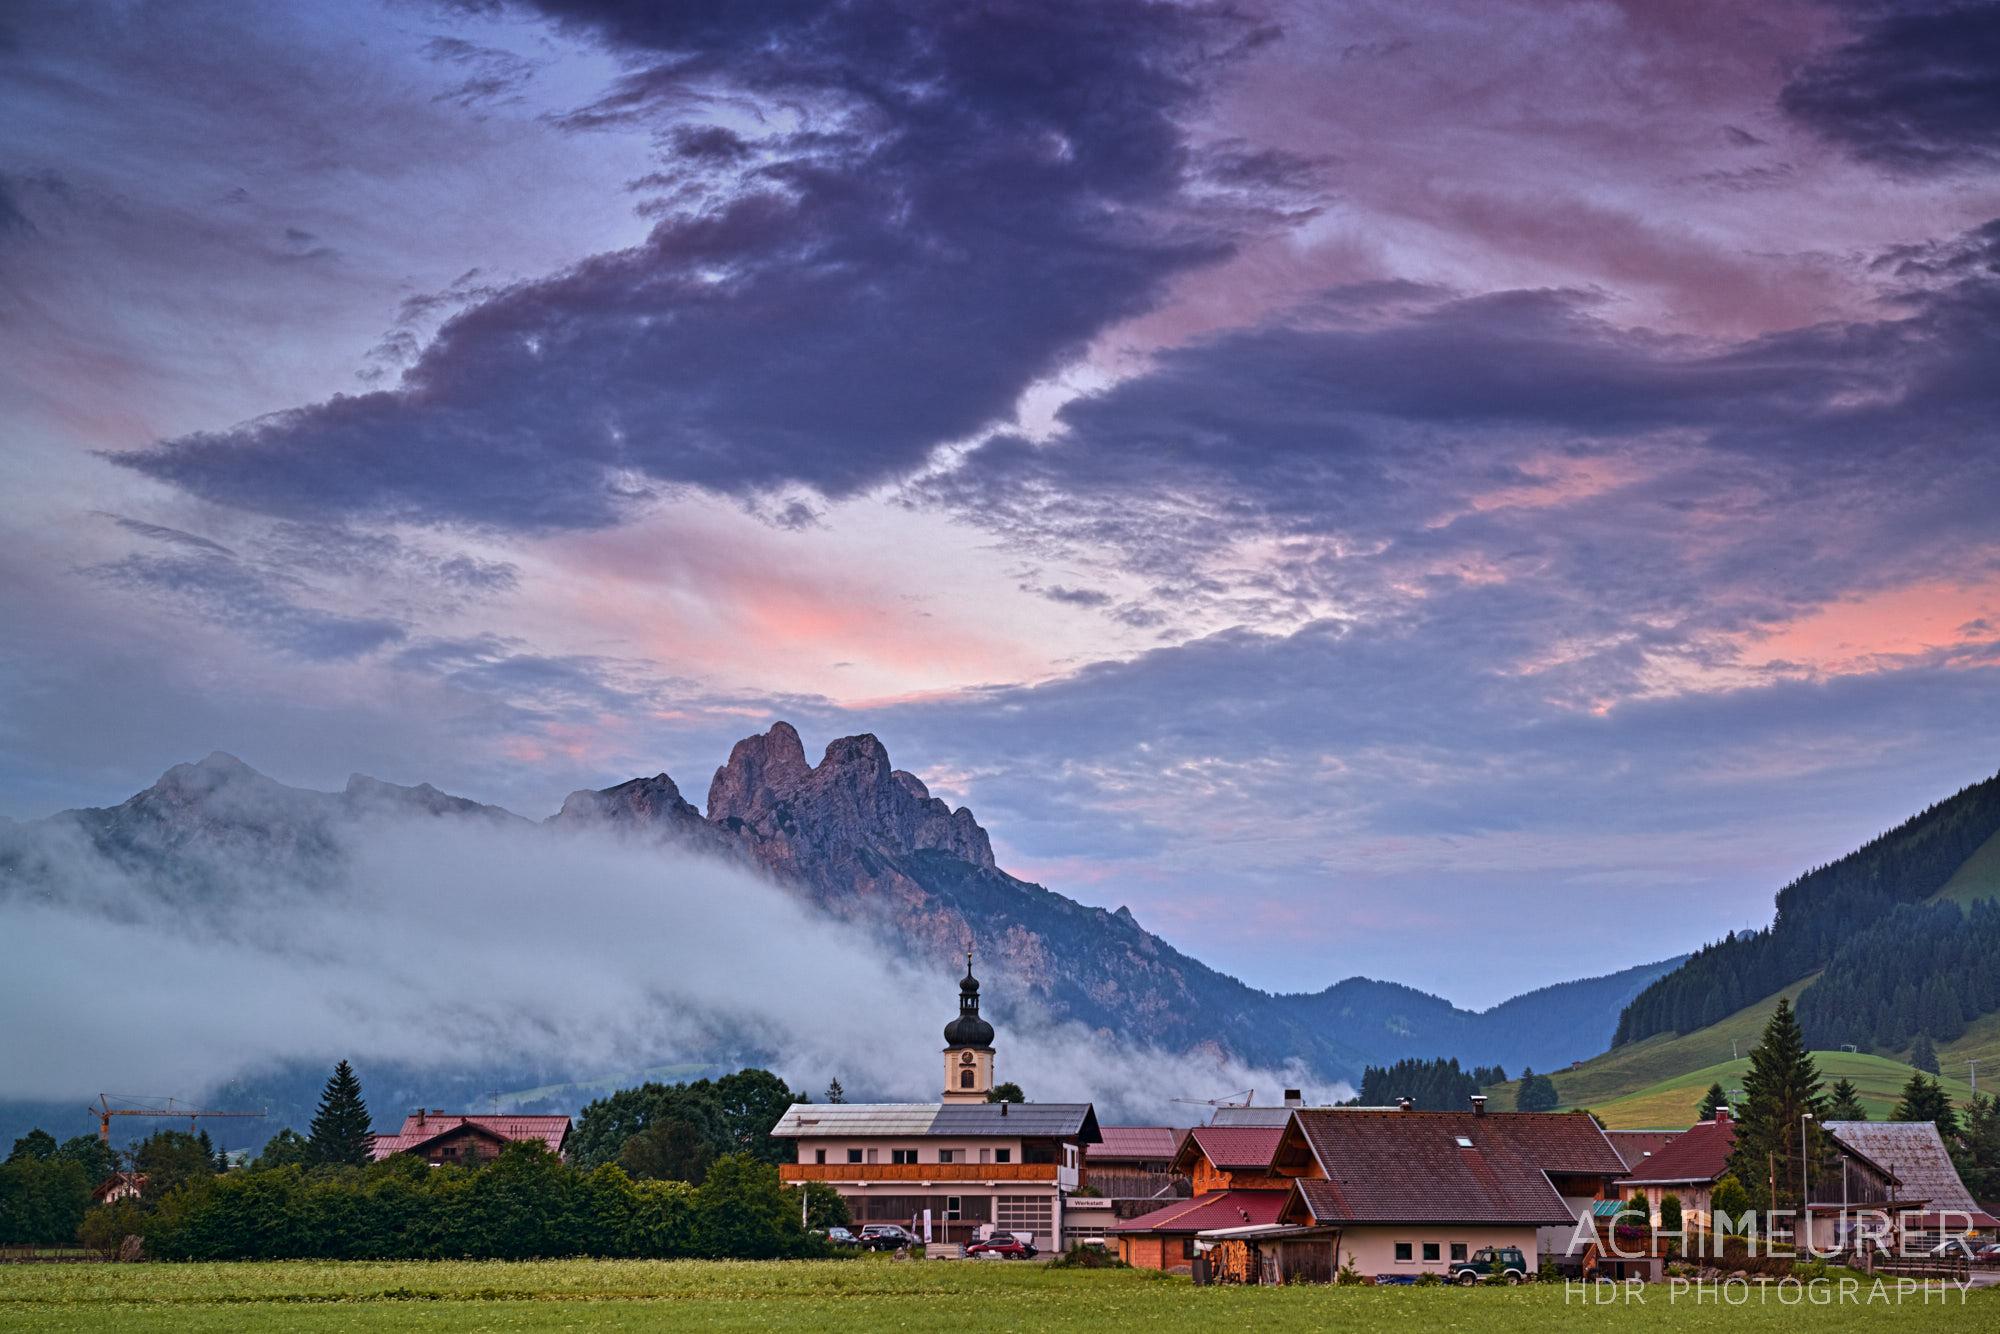 Tannheimertal-Sommer-Sonnenuntergang_8116_17_18_19_20_21_22 1